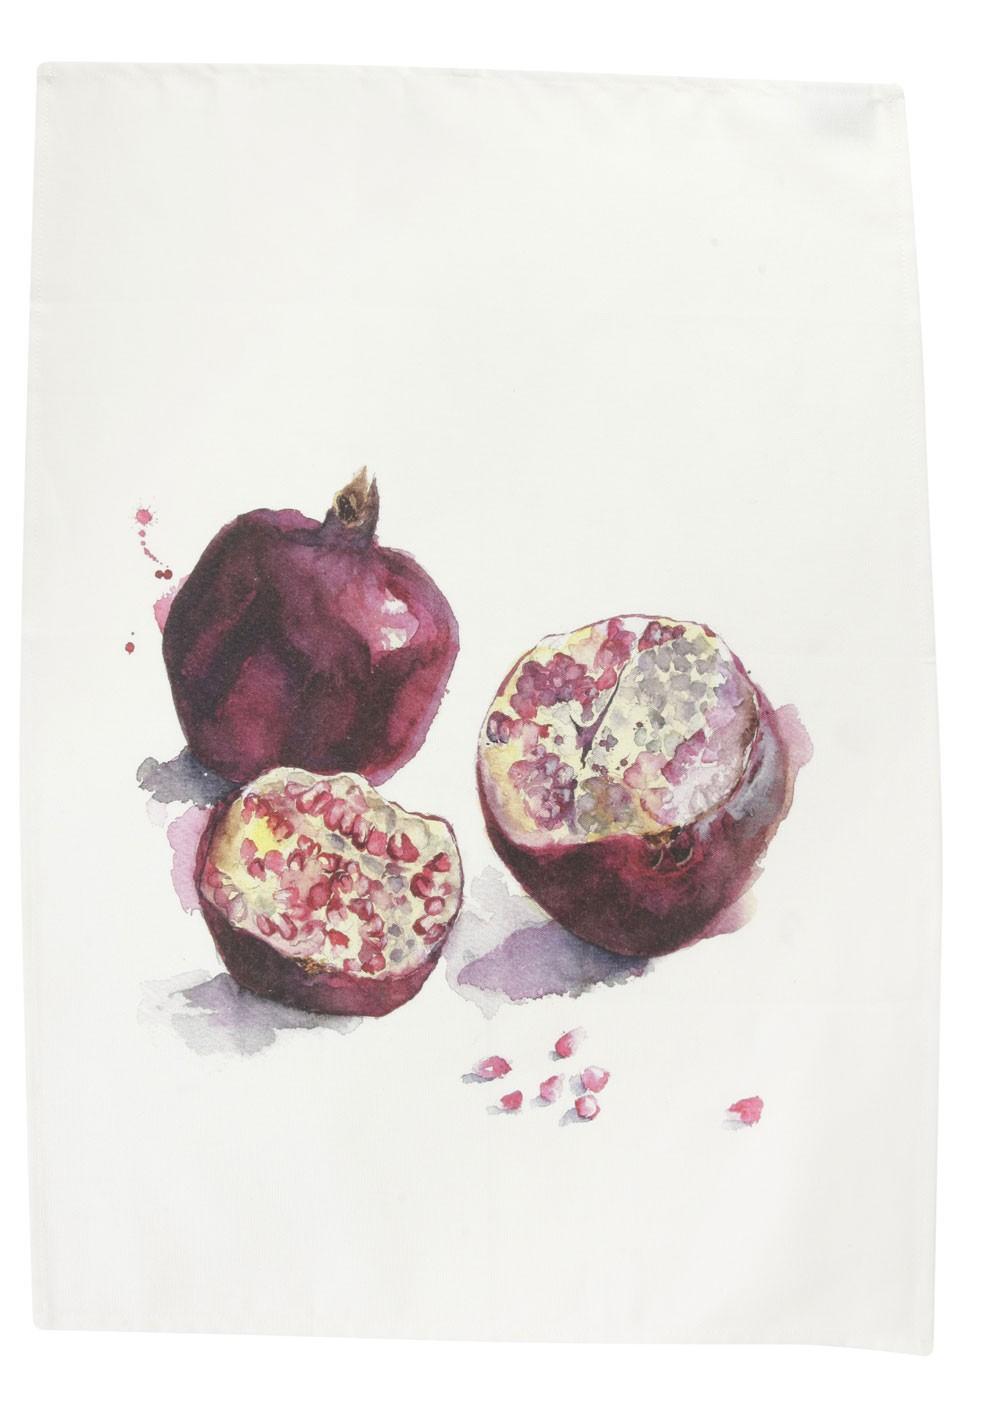 Saveurs -  Torchon Legume du jardin  fruit de la passion70x50cm